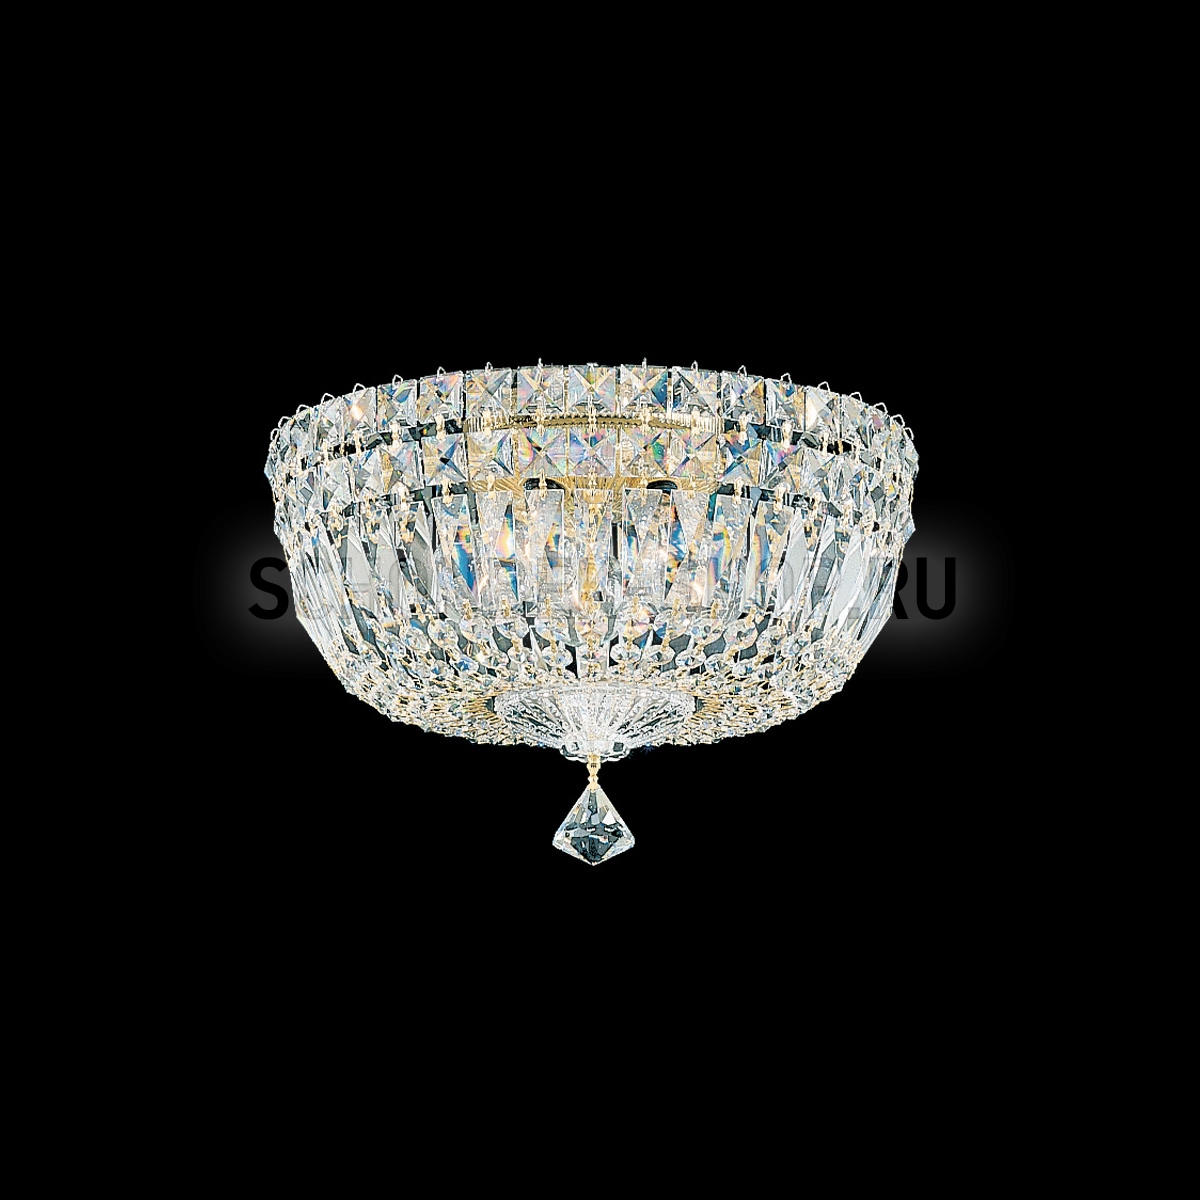 Фотография 1 - Светильник Schonbek Petit Crystal Deluxe 5892 М-40